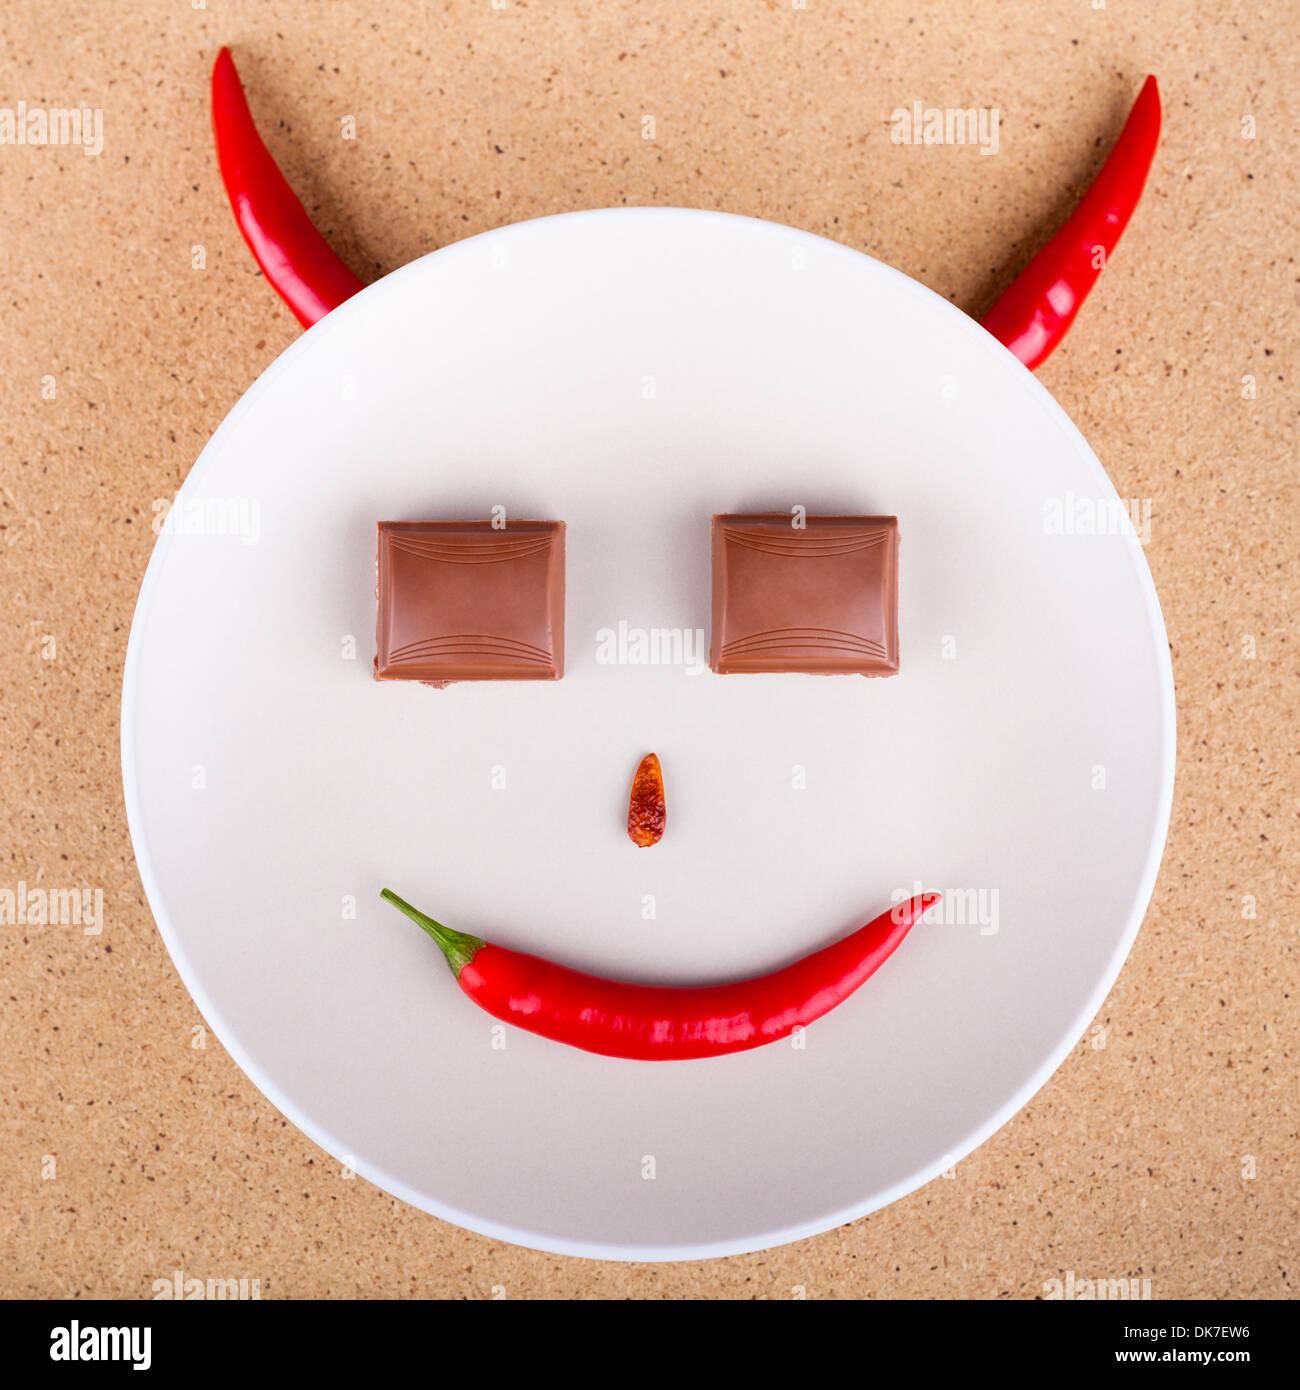 Chili-Schote lächelndes Gesicht mit Schokolade Augen auf Platte, über hölzerne Hintergrund. Stockbild